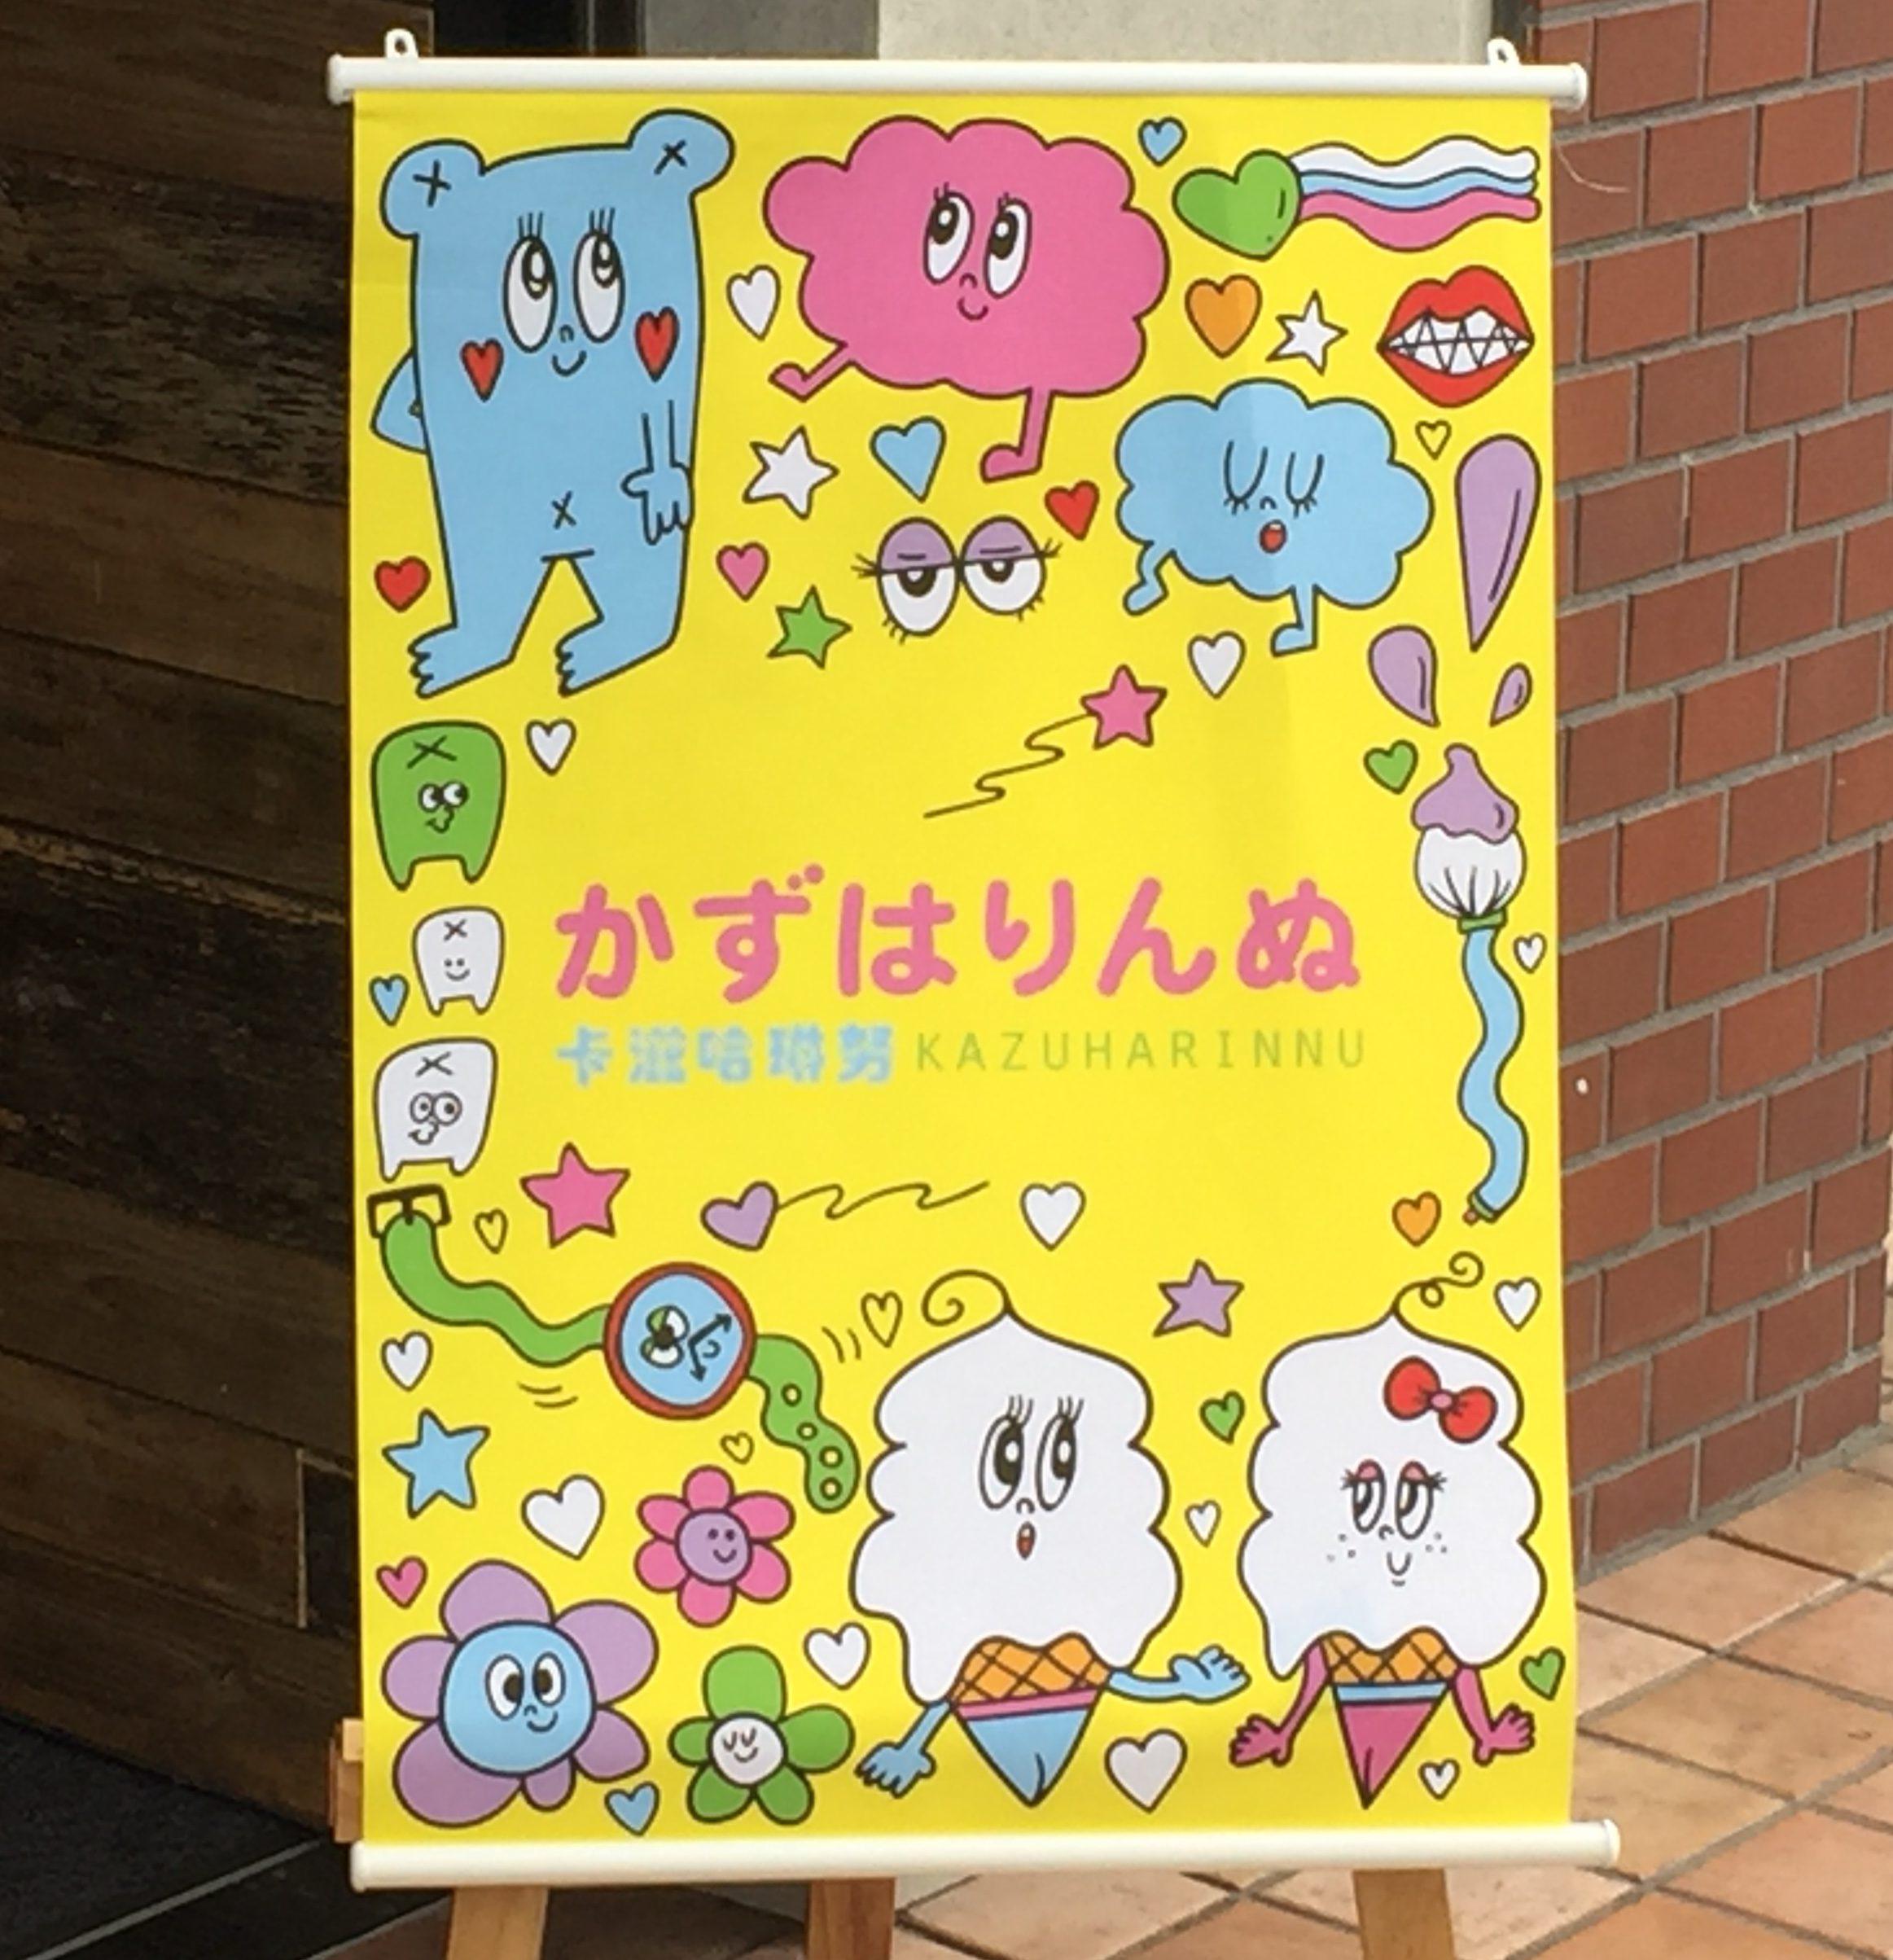 神戸岡本育ちのアーティスト、かずはりんぬ個展「なんでもないの」が2017年4月6日から11日まで開催!@ハンドインハンド岡本ギャラリーアネックスにて